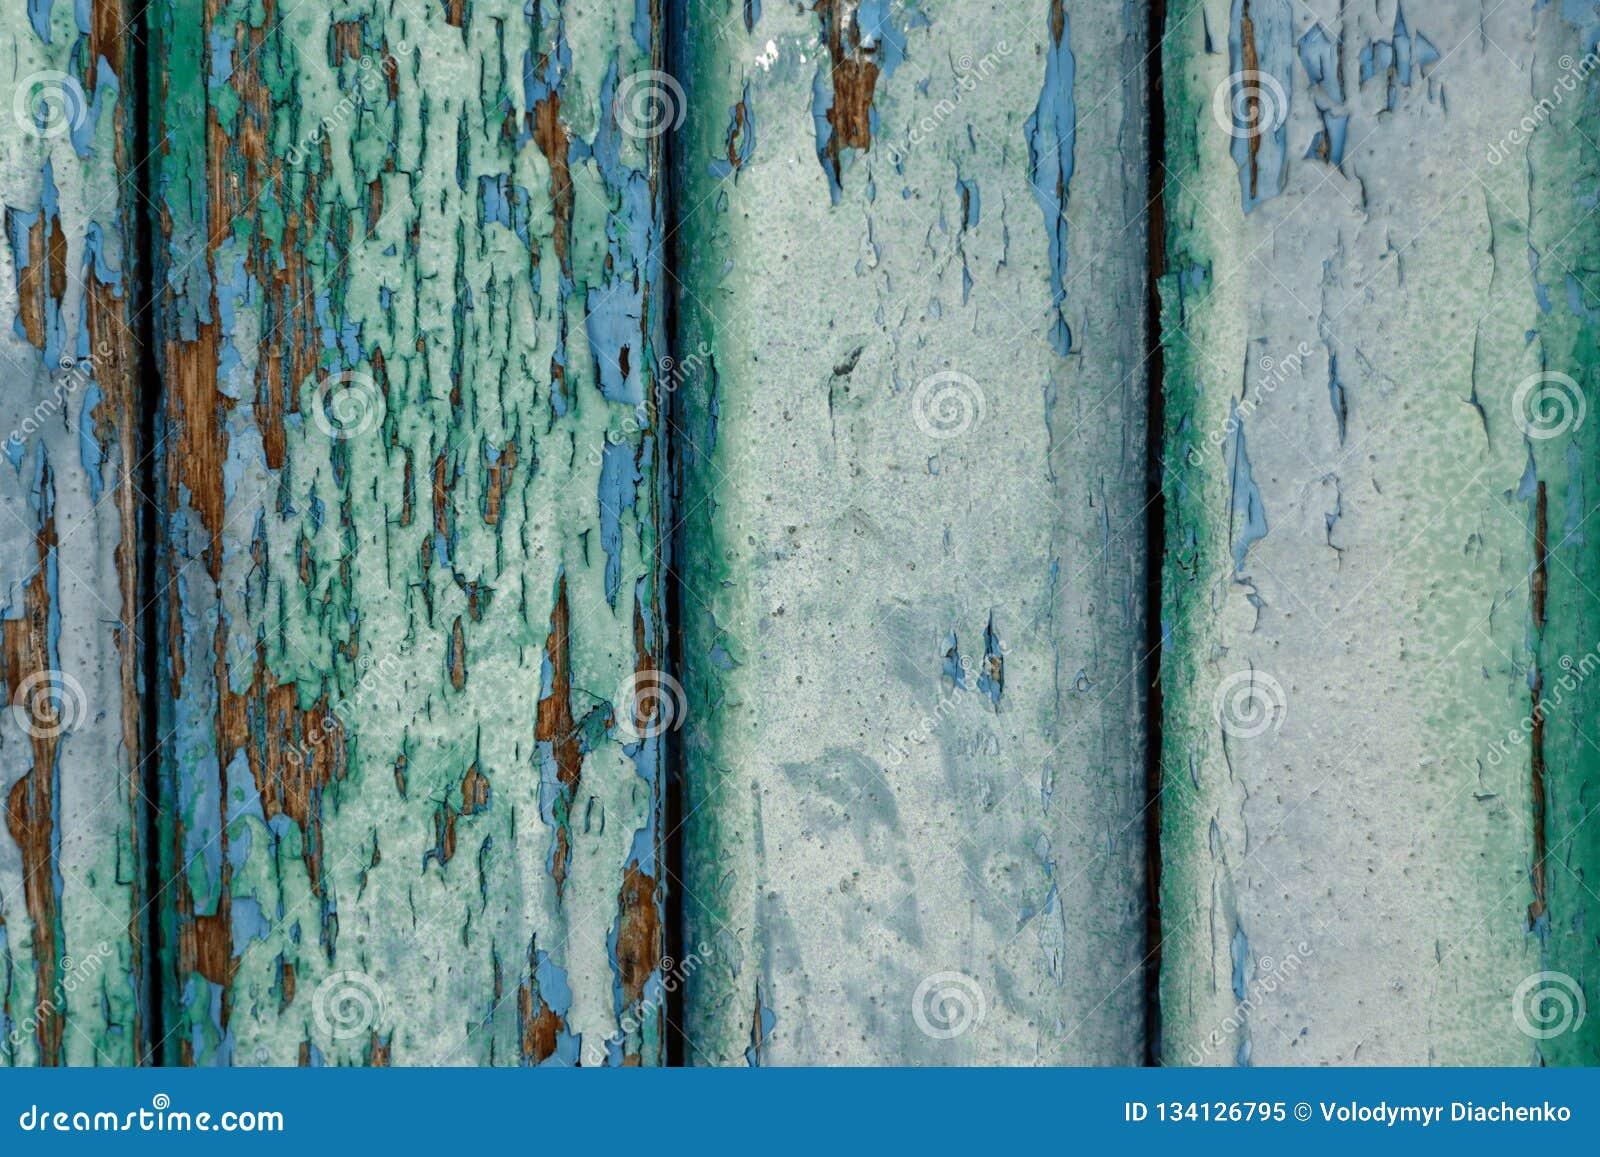 Старые деревянные доски покрашенные с несколькими слоев голубых и зеленых красок